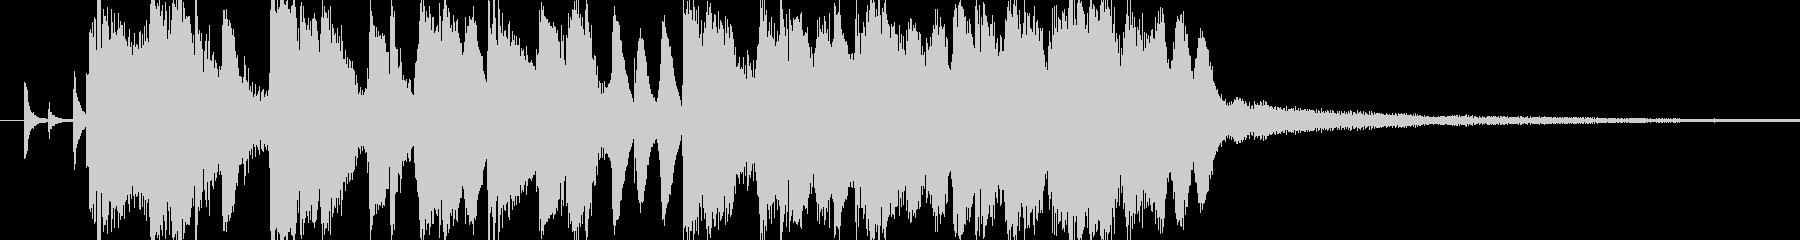 軽快で爽やかなボサノヴァ・ジングル、ロゴの未再生の波形